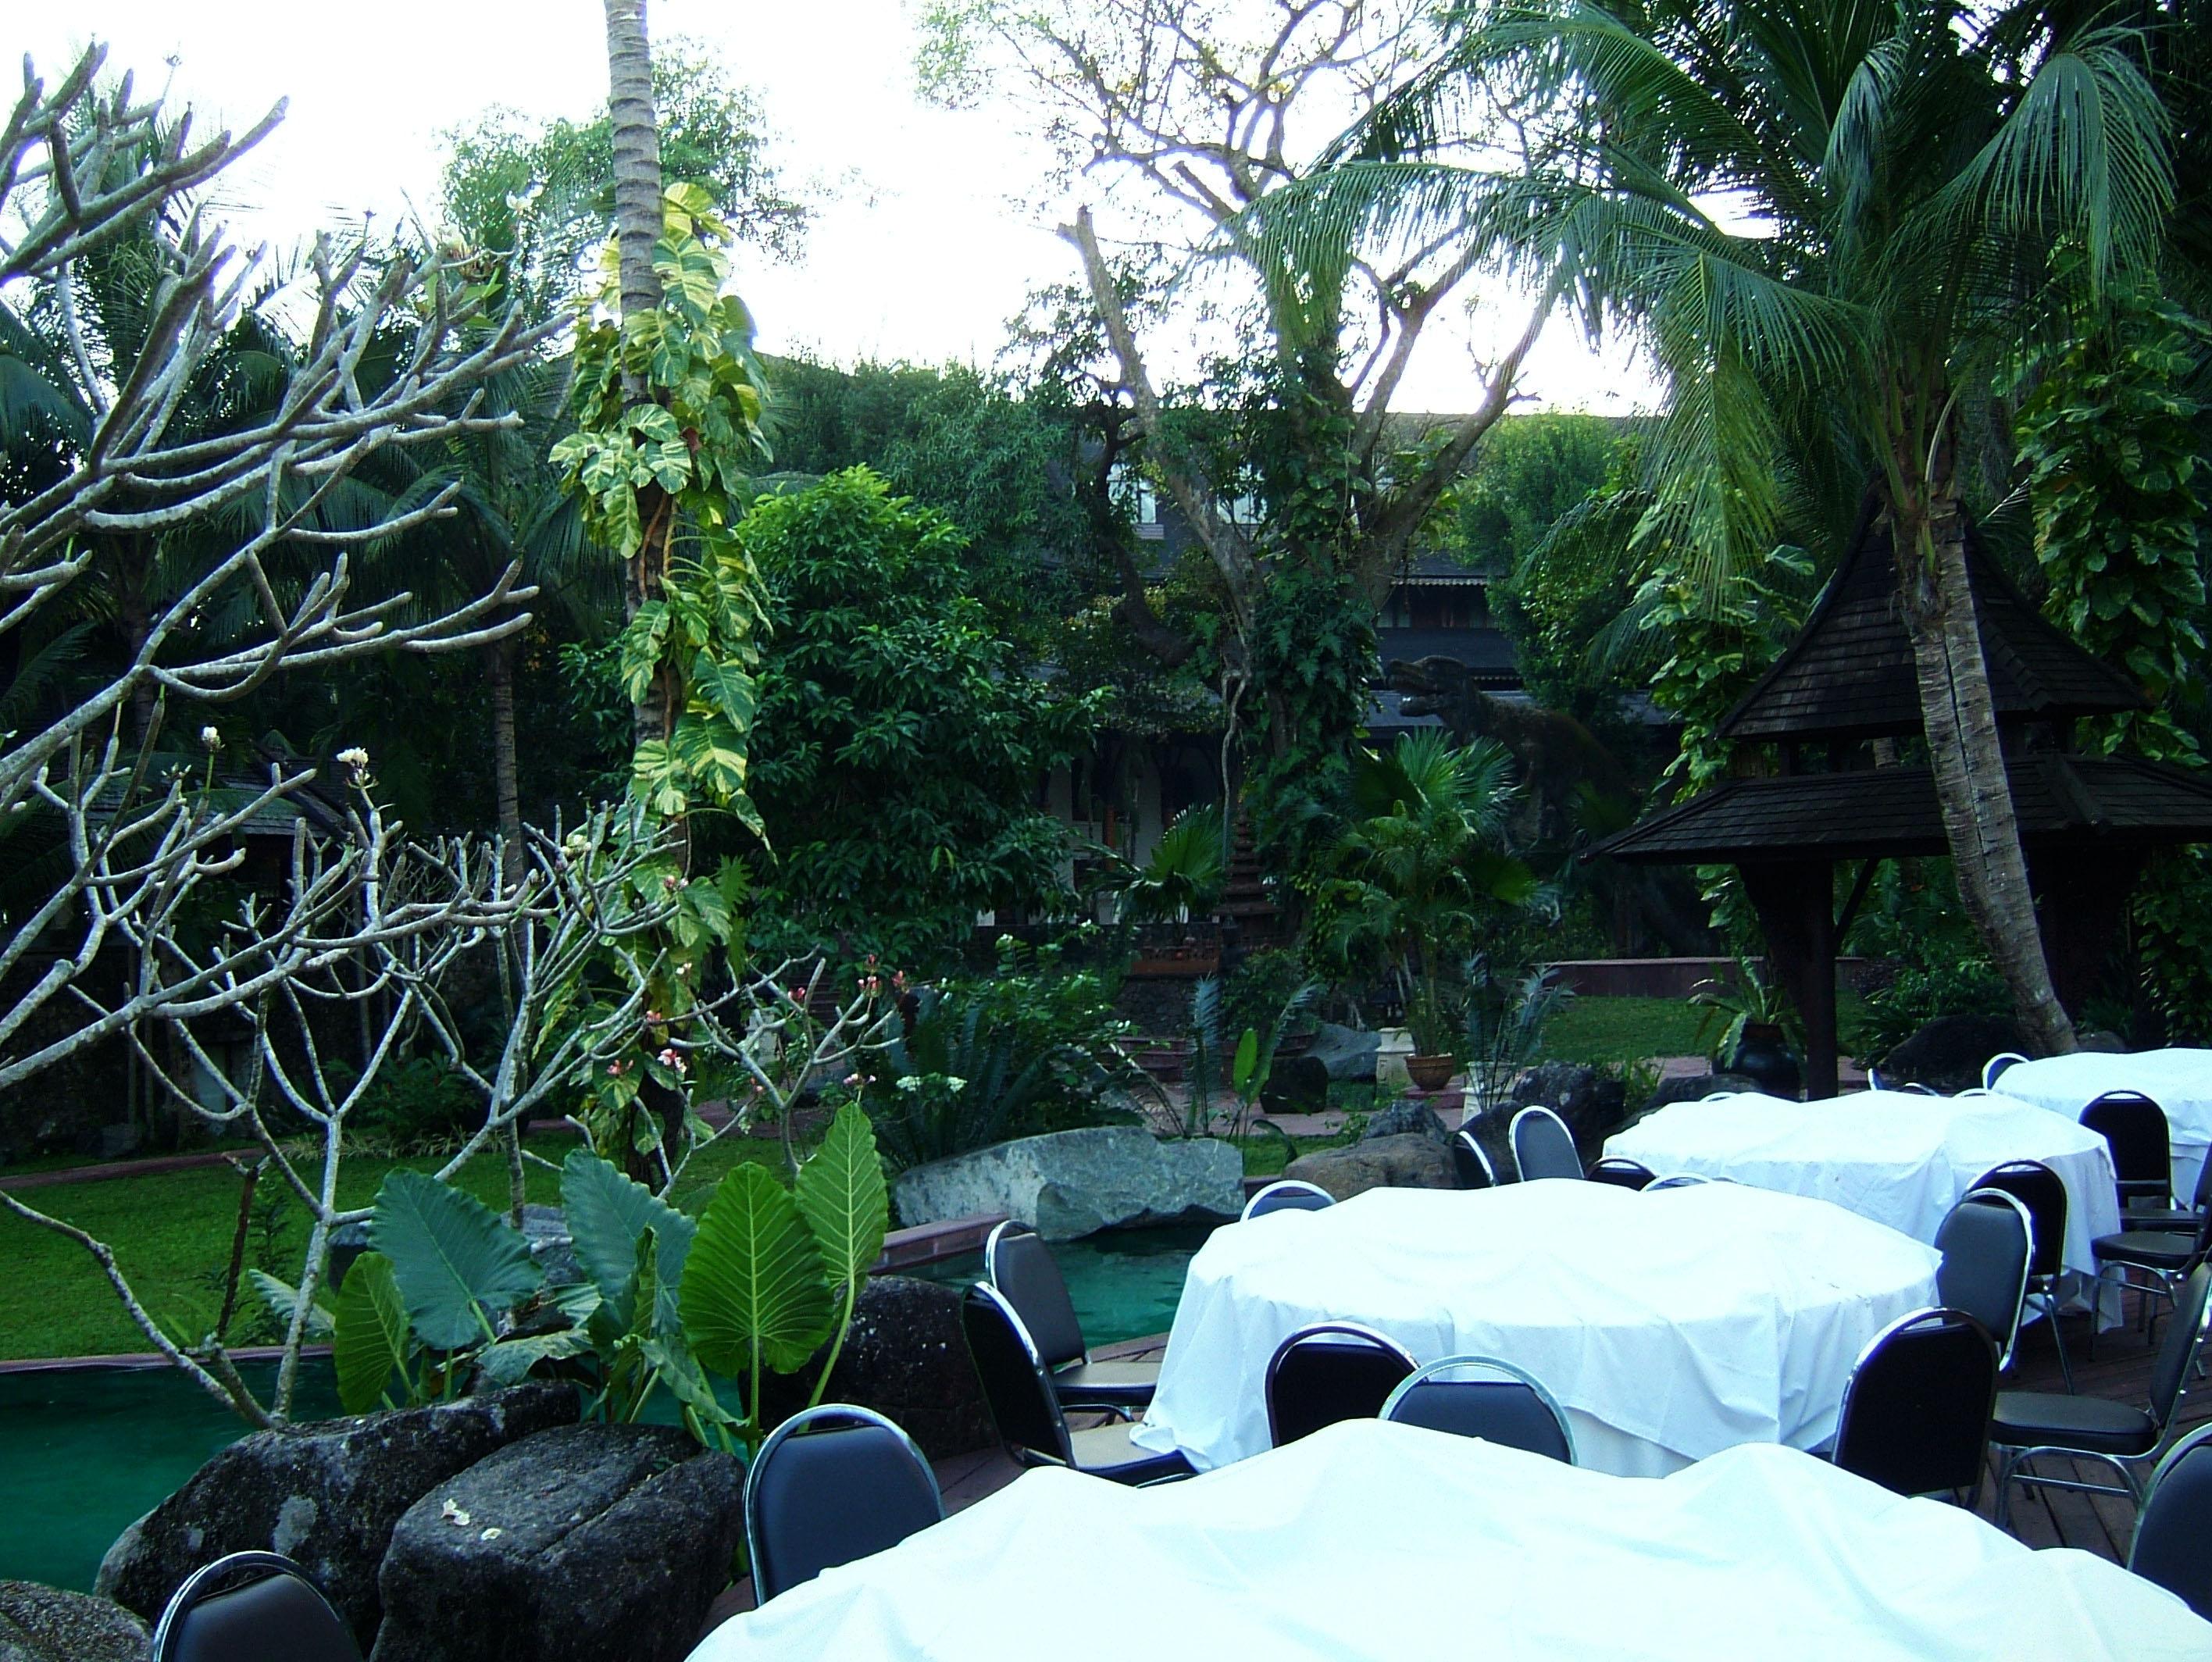 Yangon Kandawgyi Palace Hotel swimming pool  Nov 2004 01